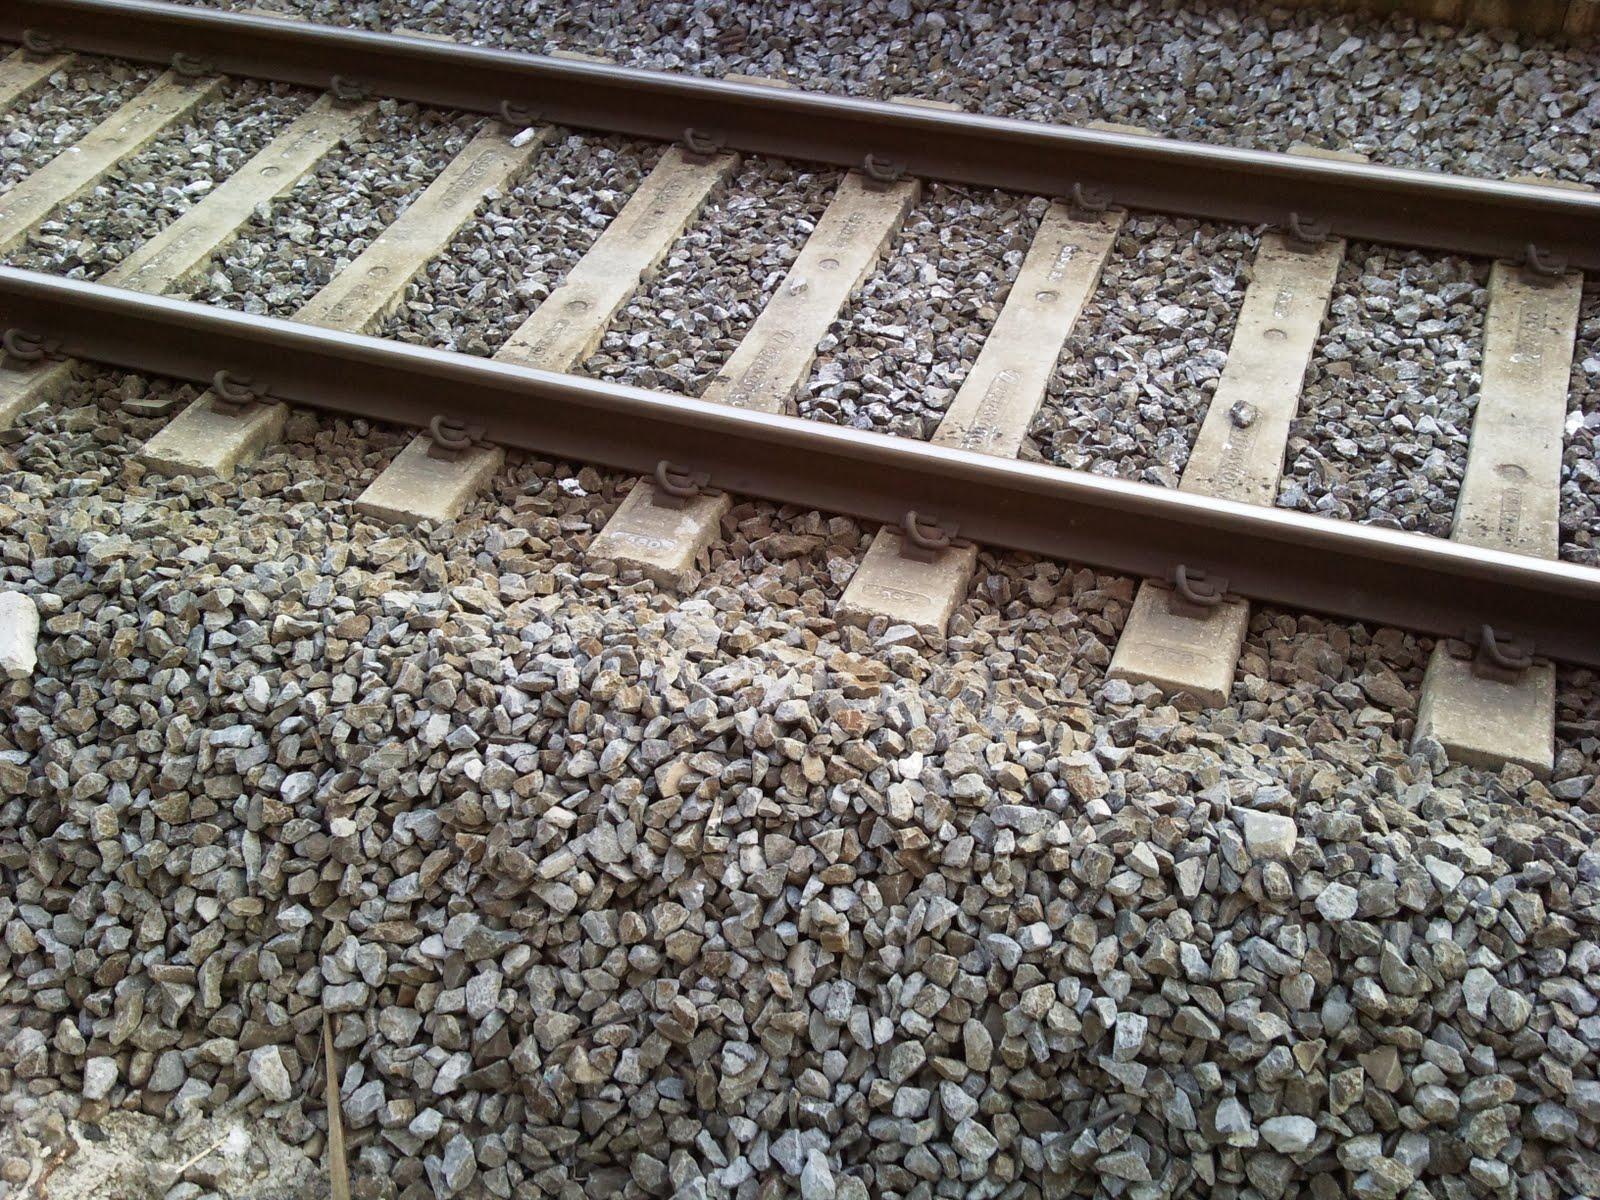 Puntando verso Monaco. Il racconto del viaggio in treno da Roma al confine con l'Austria